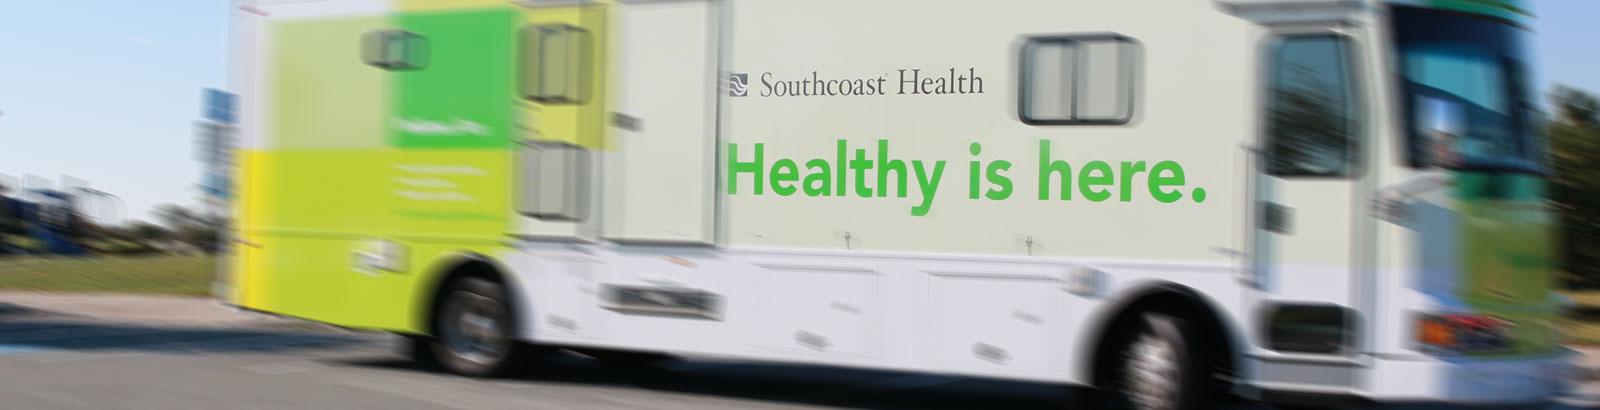 Wellness Van